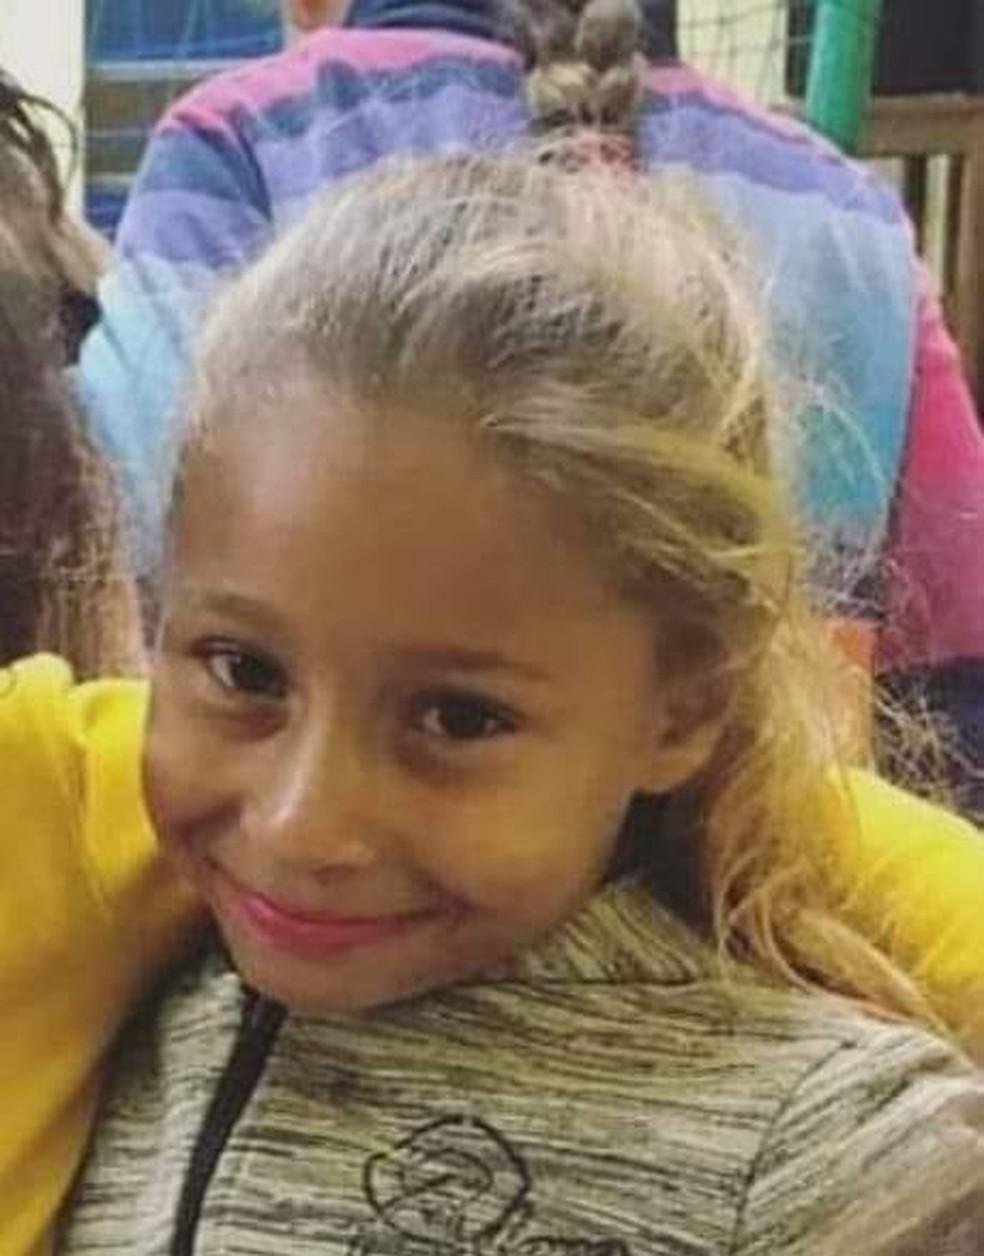 Menina desapareceu enquanto brincava em praça perto de casa em Chavantes — Foto: Arquivo pessoal